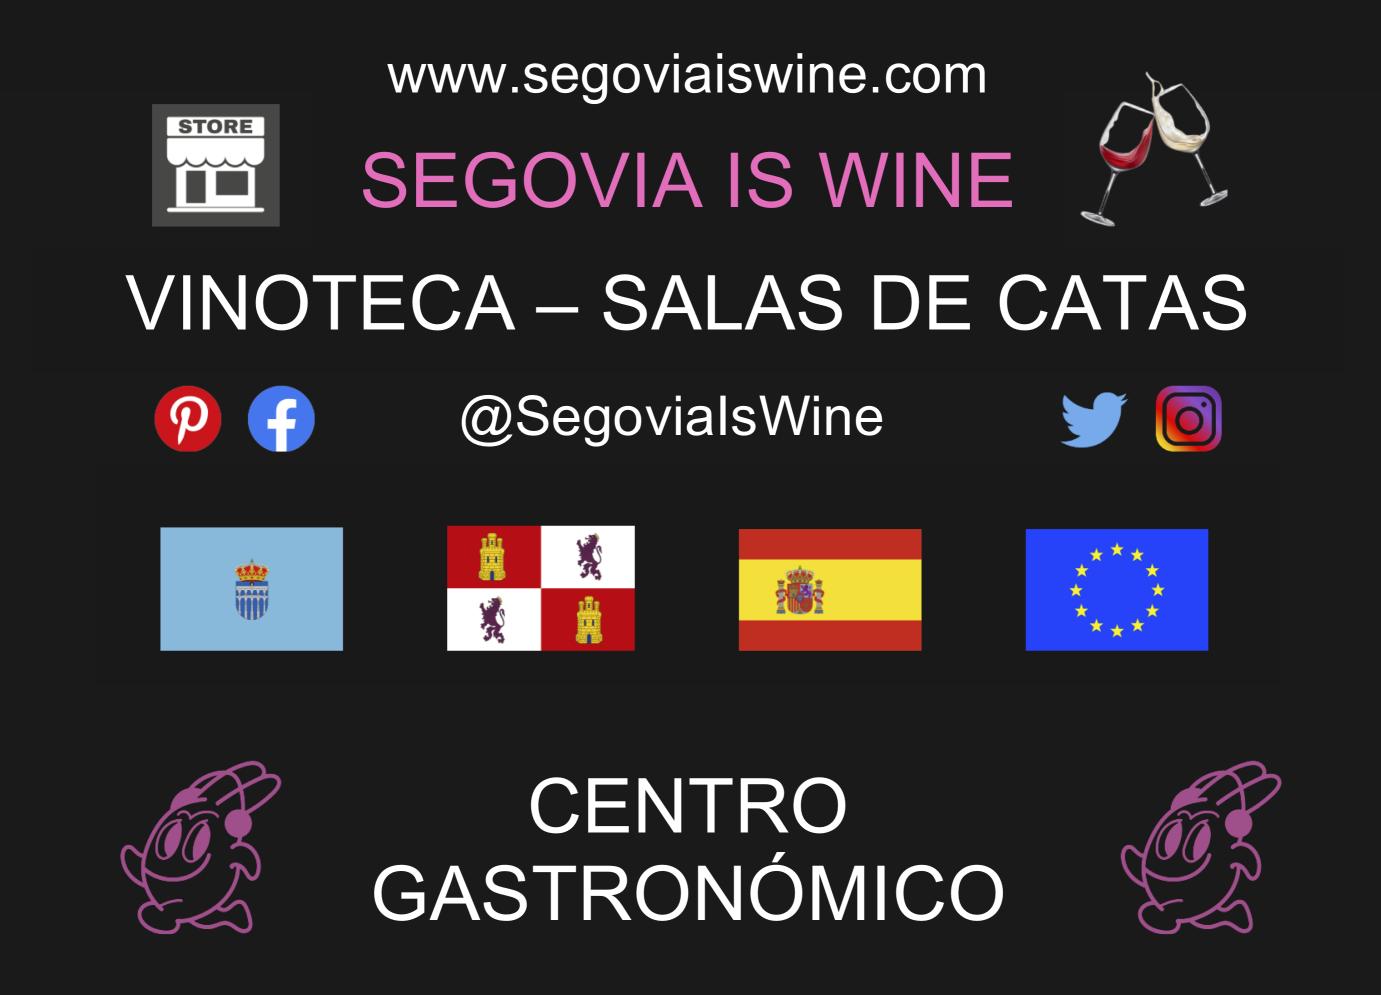 Centro Gastronómico de Segovia